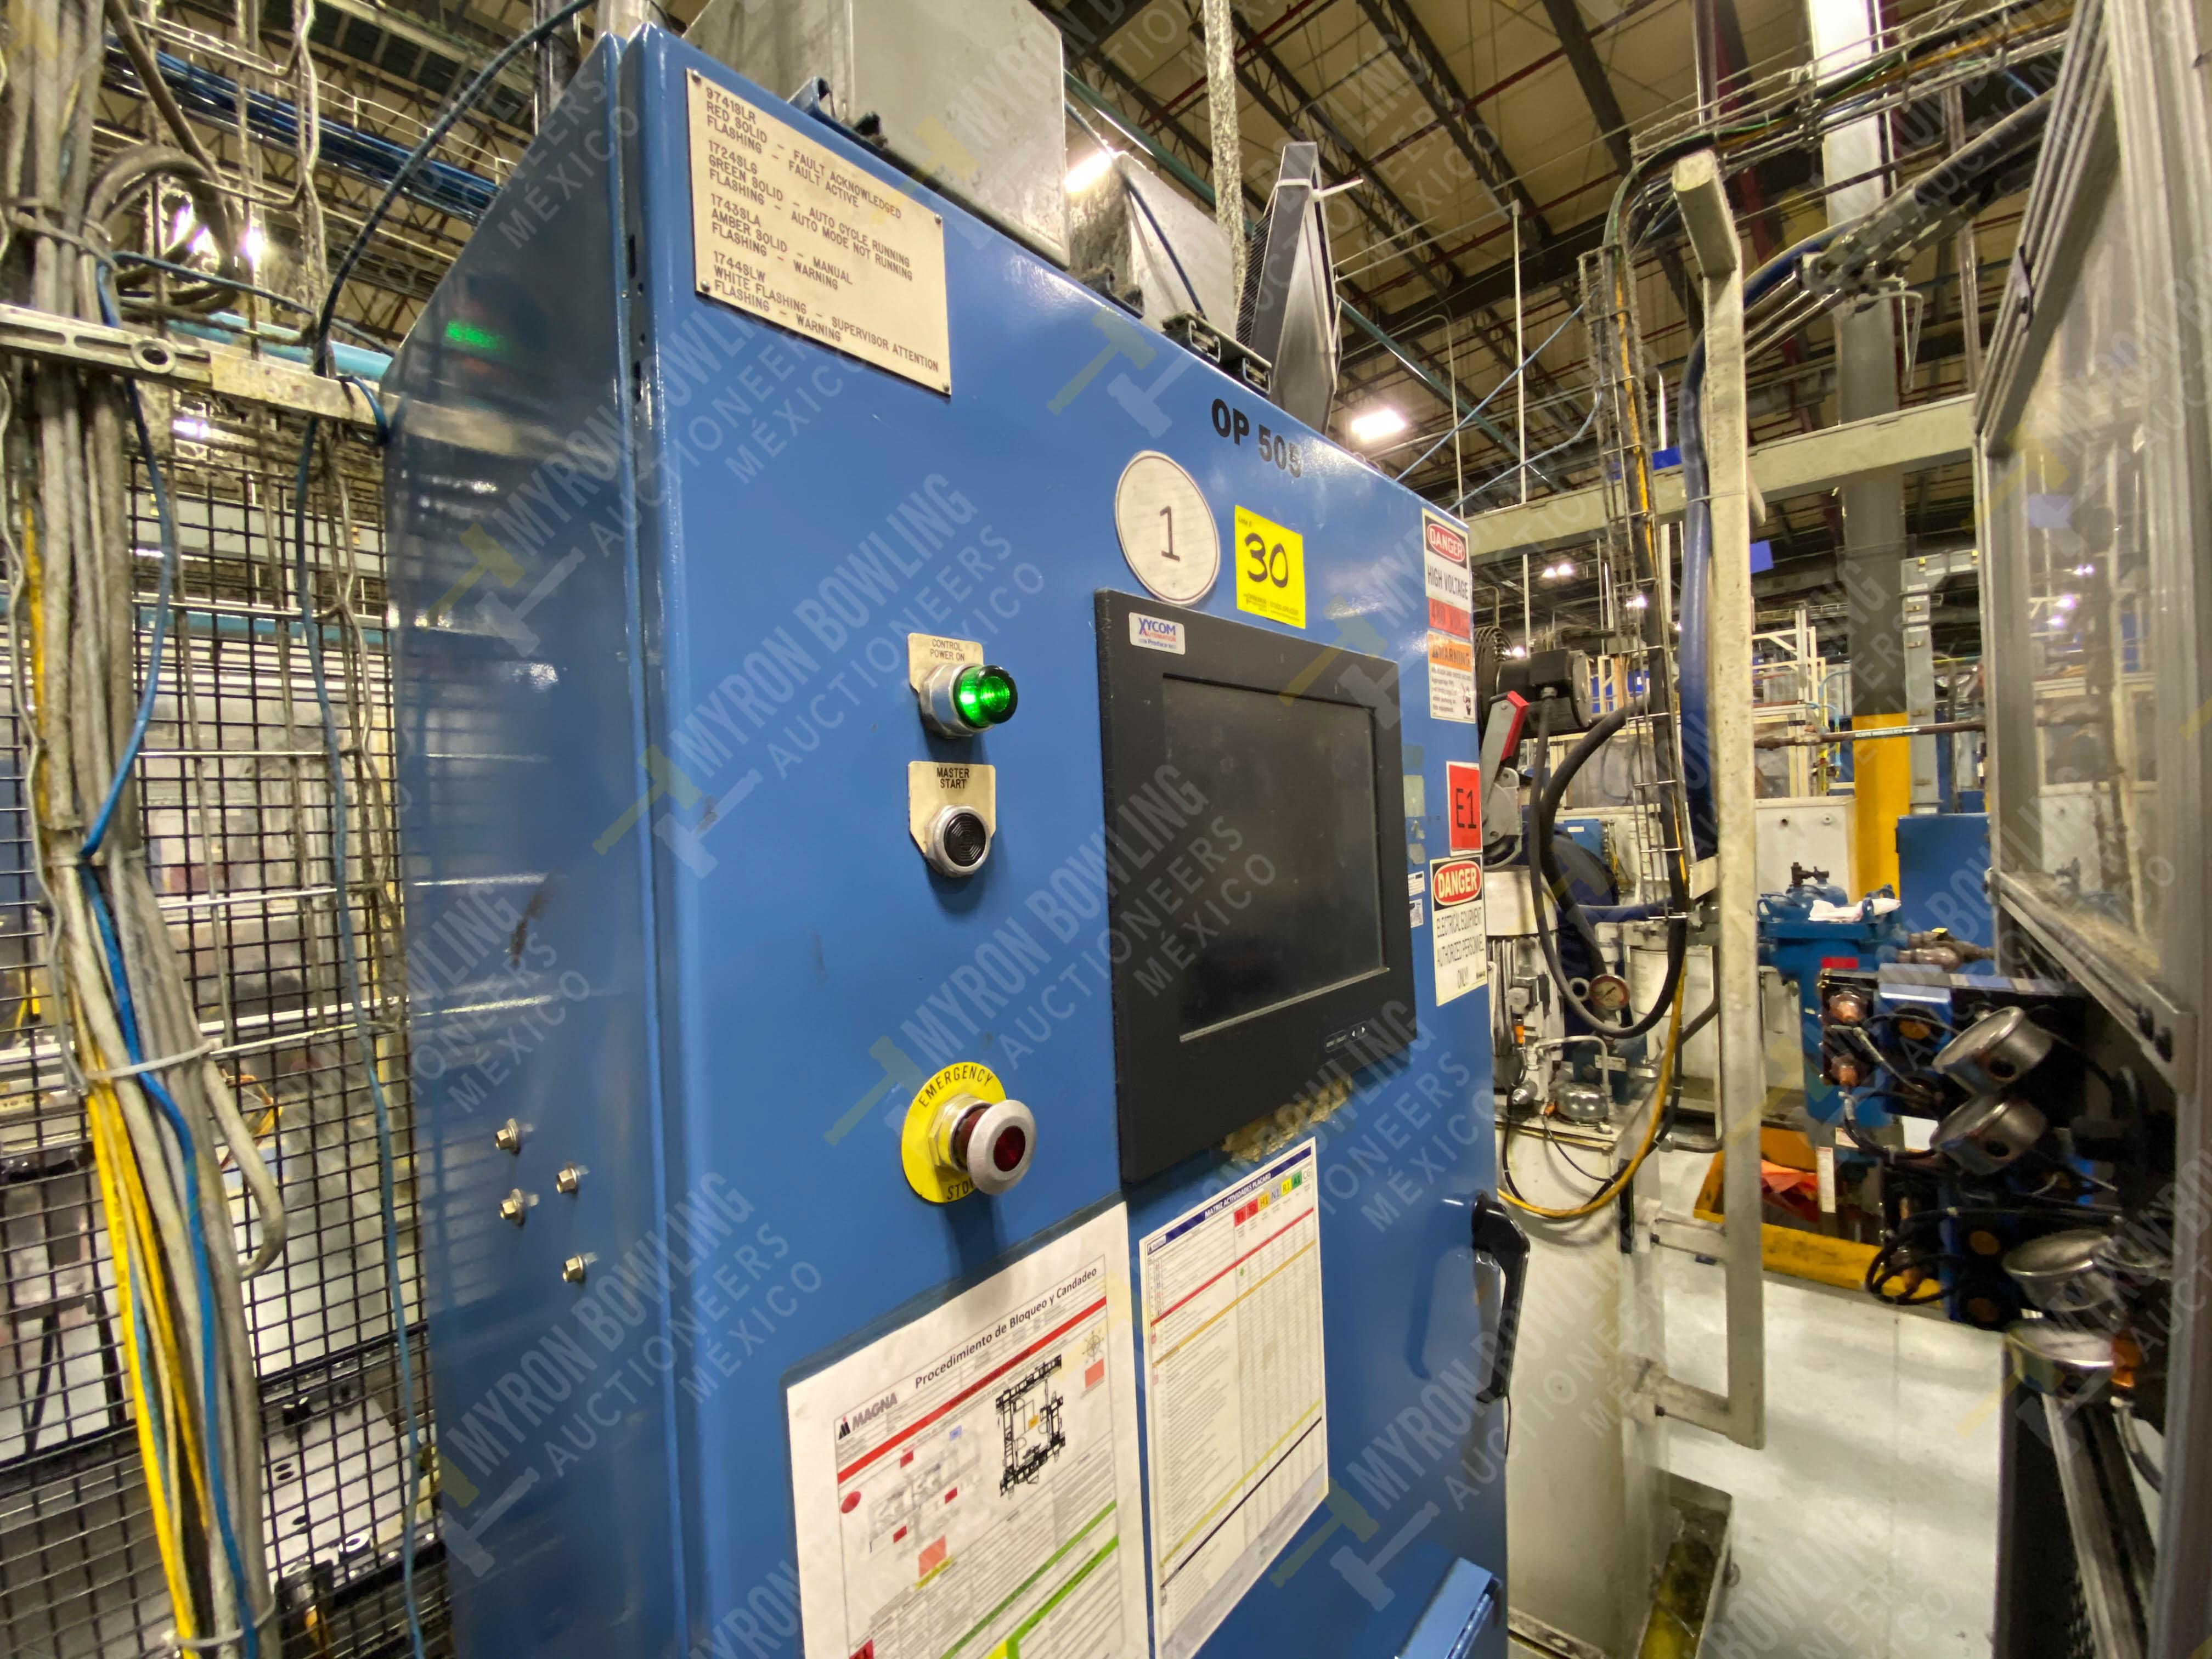 Estación semiautomática para operación 415, contiene: Máquina pesadora de piezas con 1 cilindro - Image 3 of 16